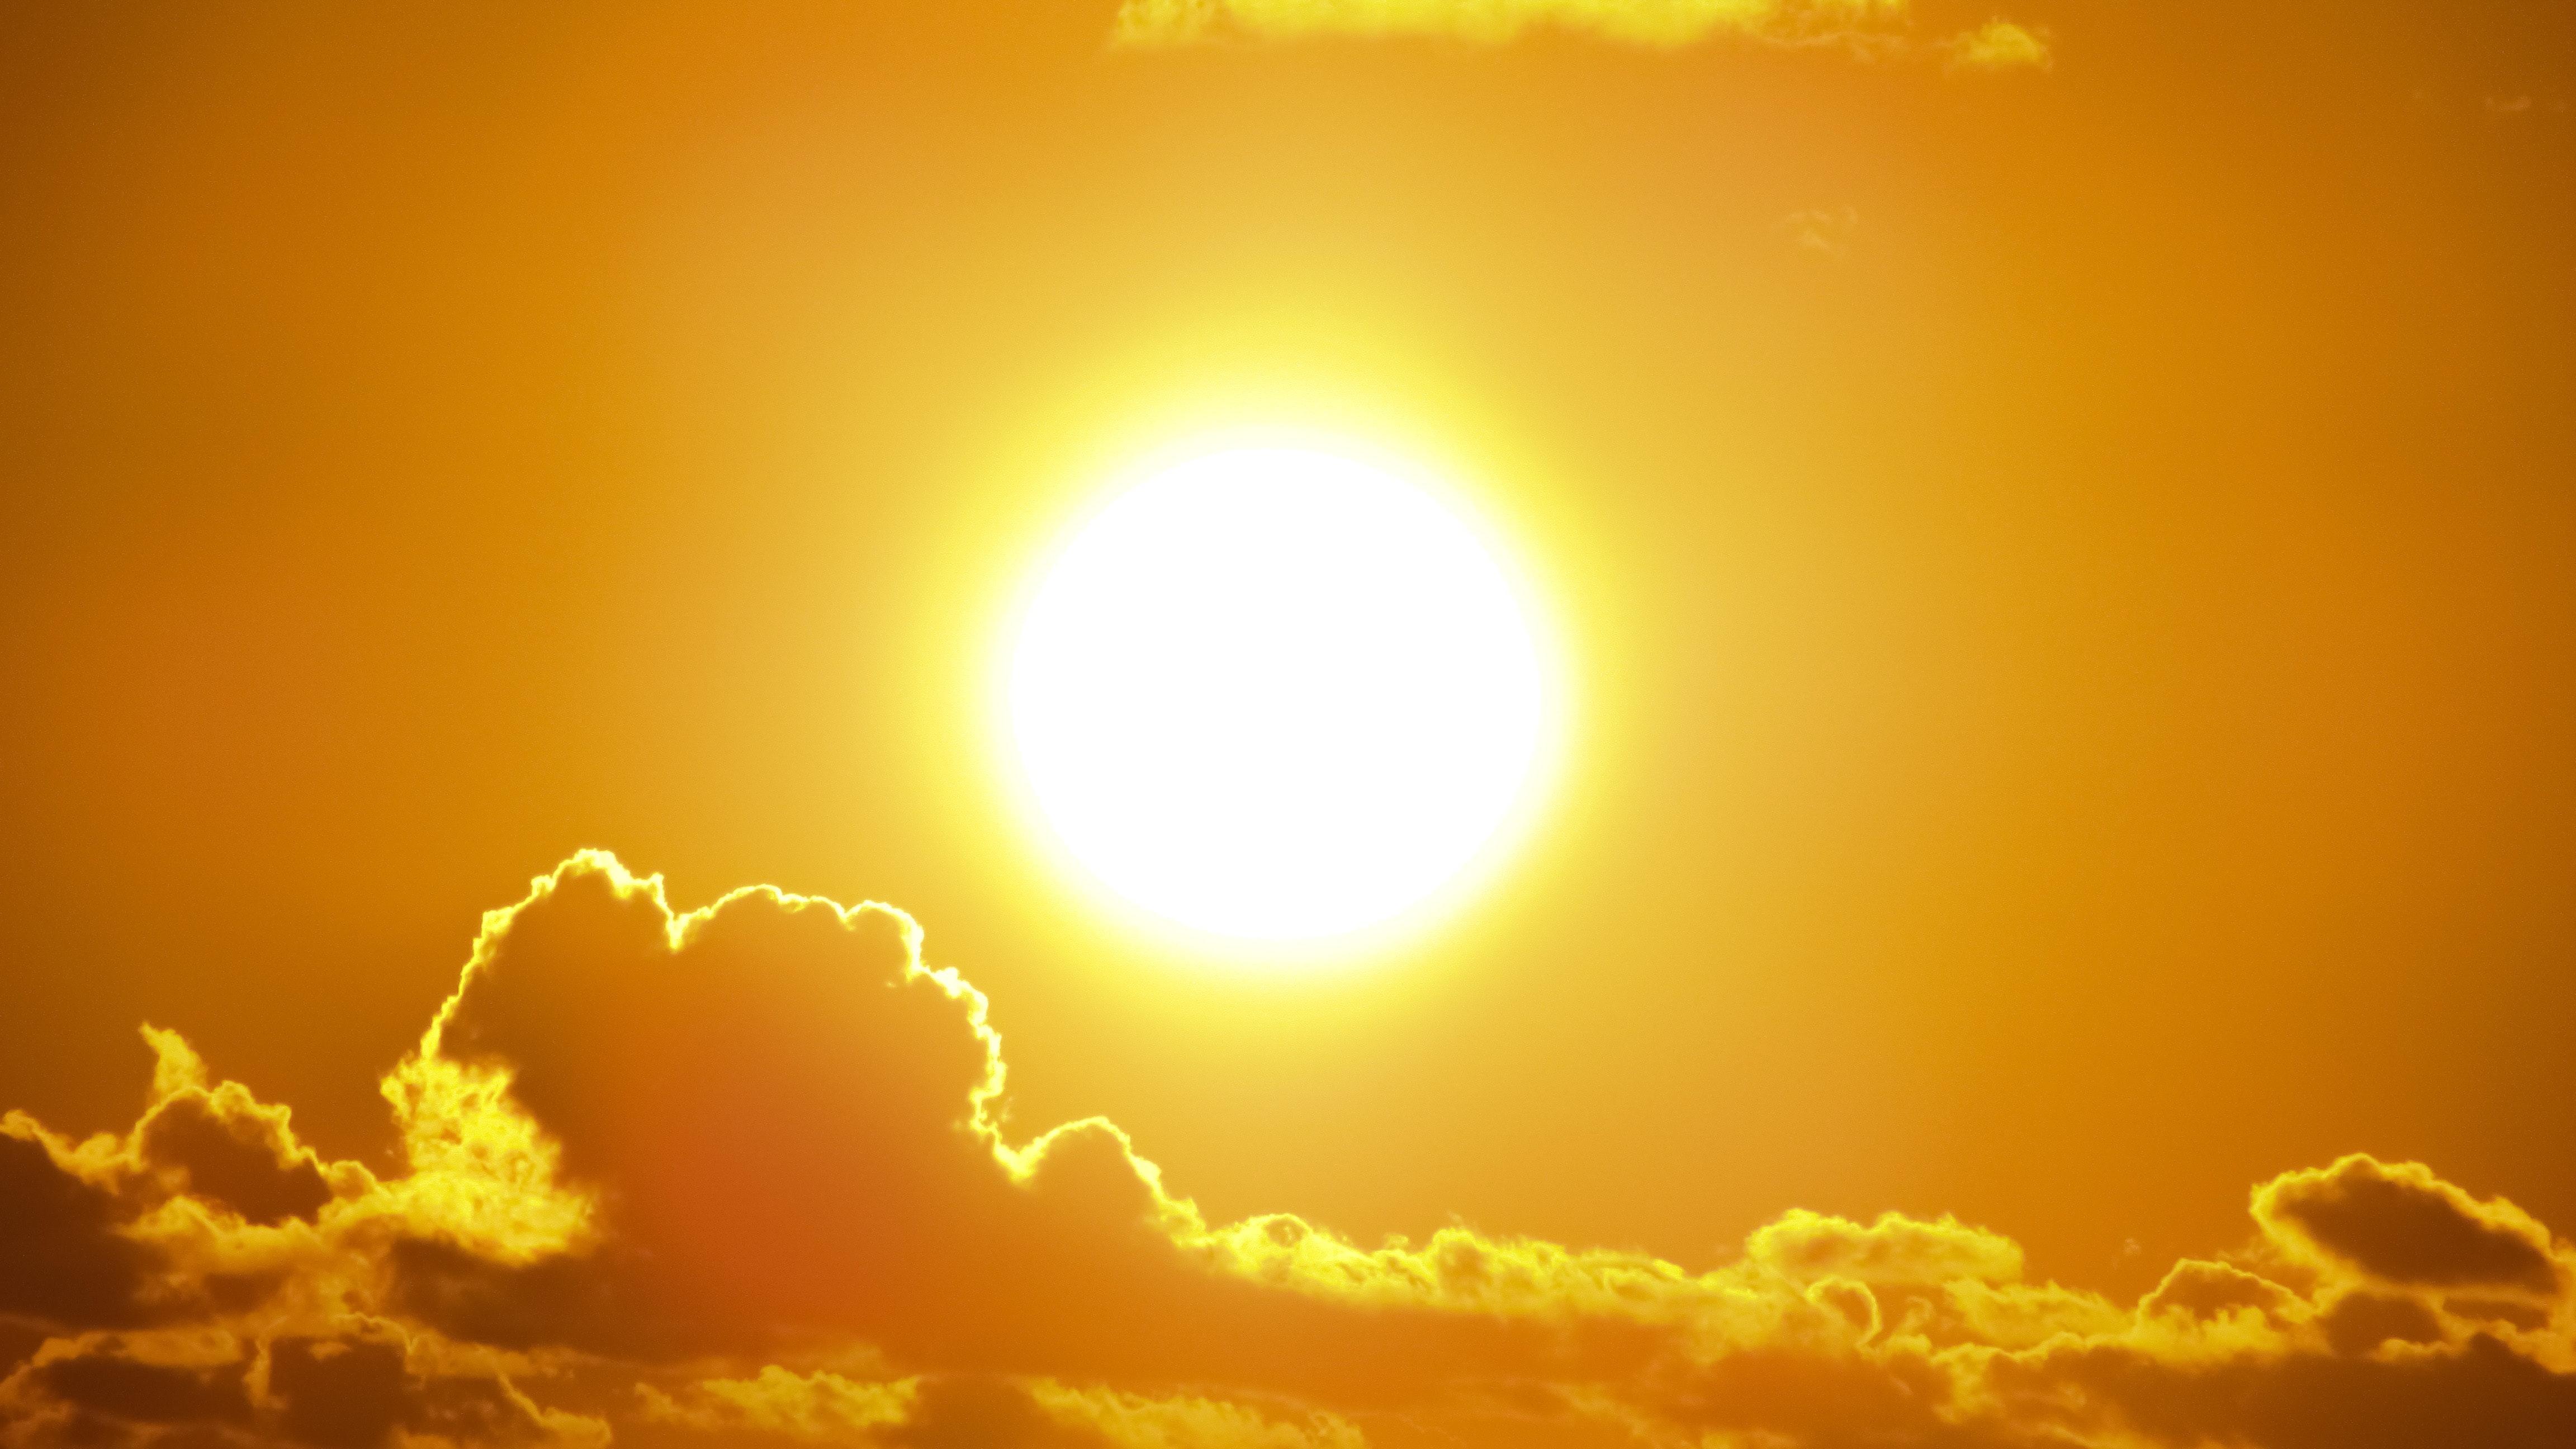 Sol, varm, ferie, sommer, vinter, solnedgang